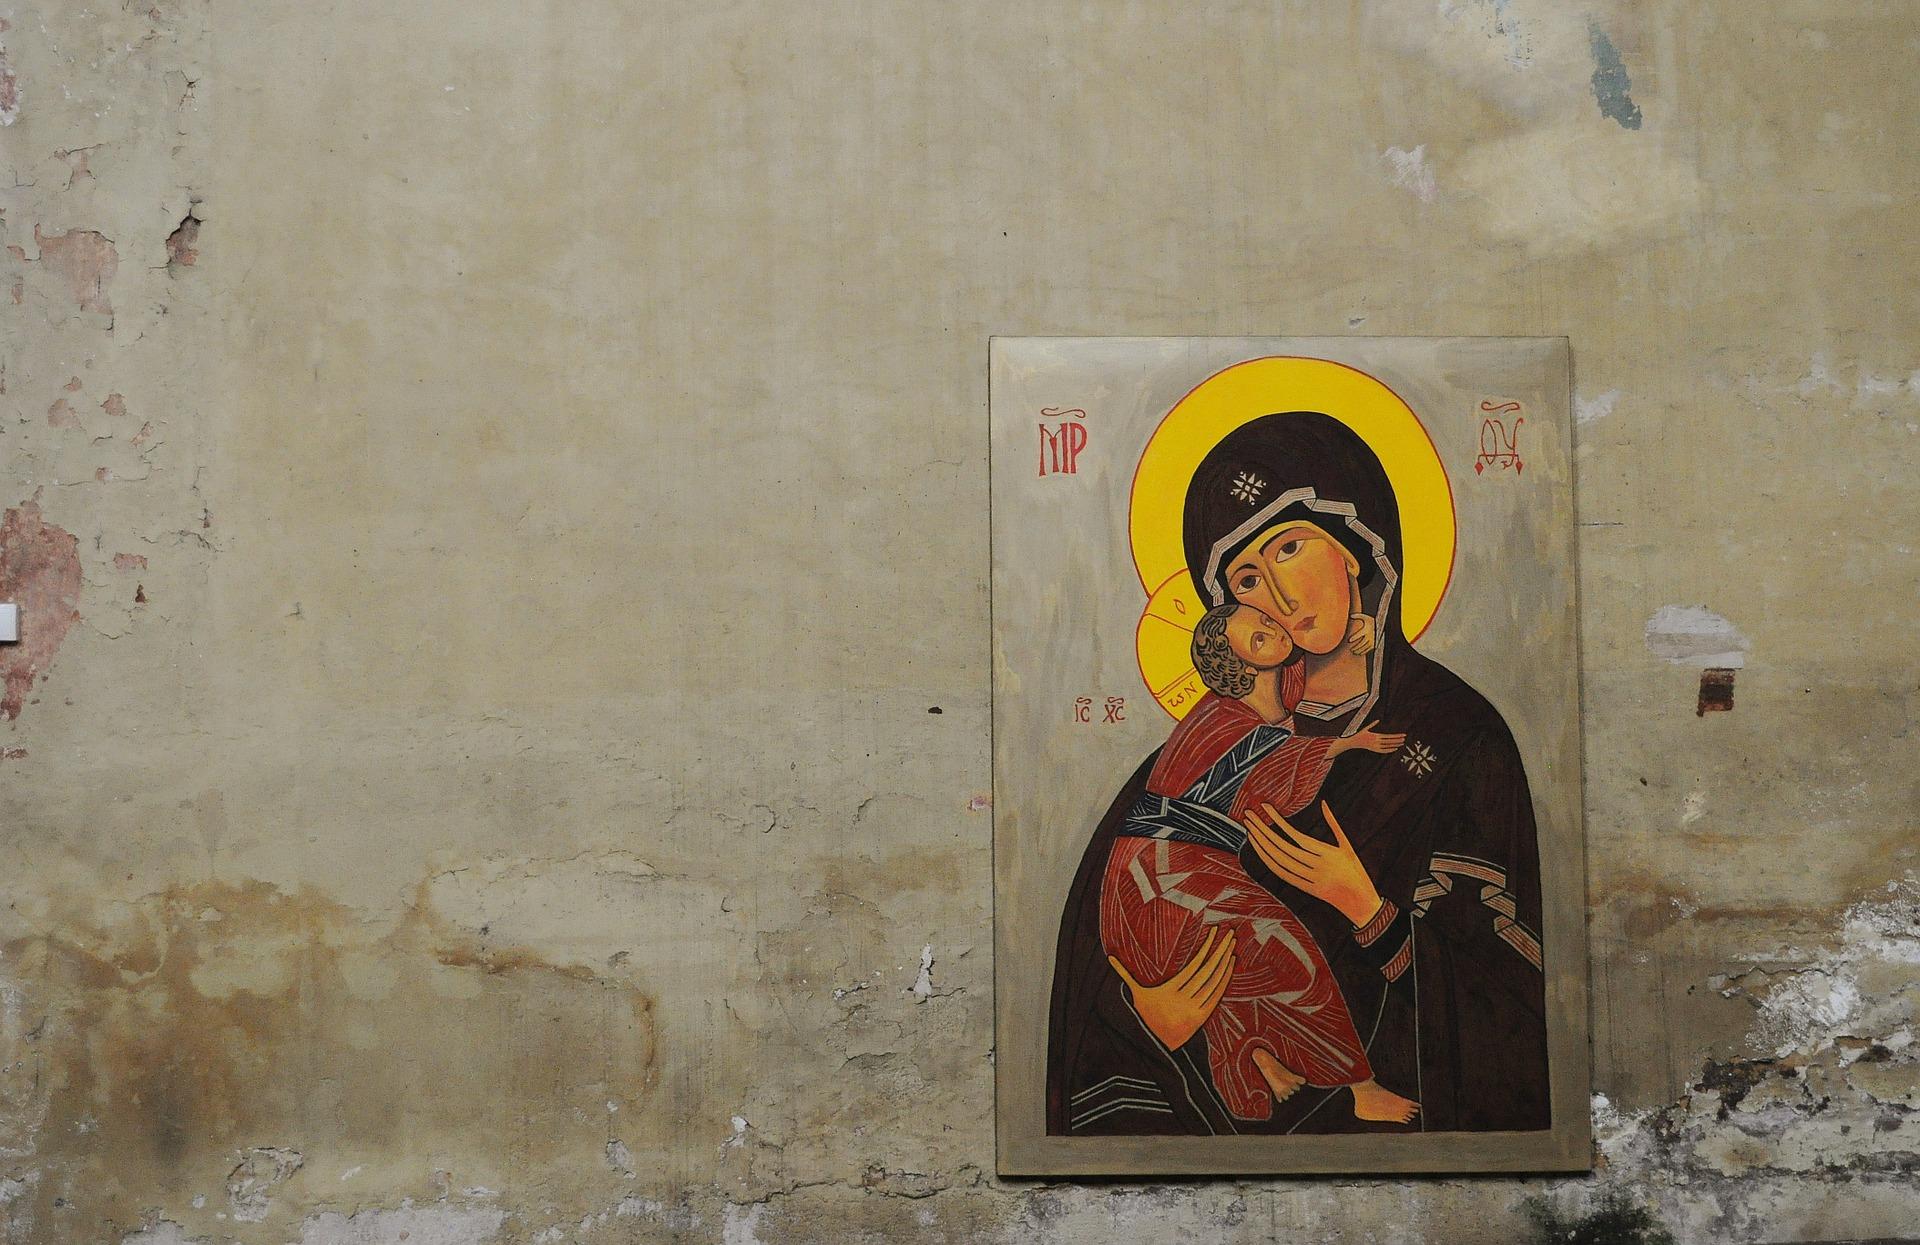 Беседы о главном: Женщина, её место в жизни с точки зрения разных религий